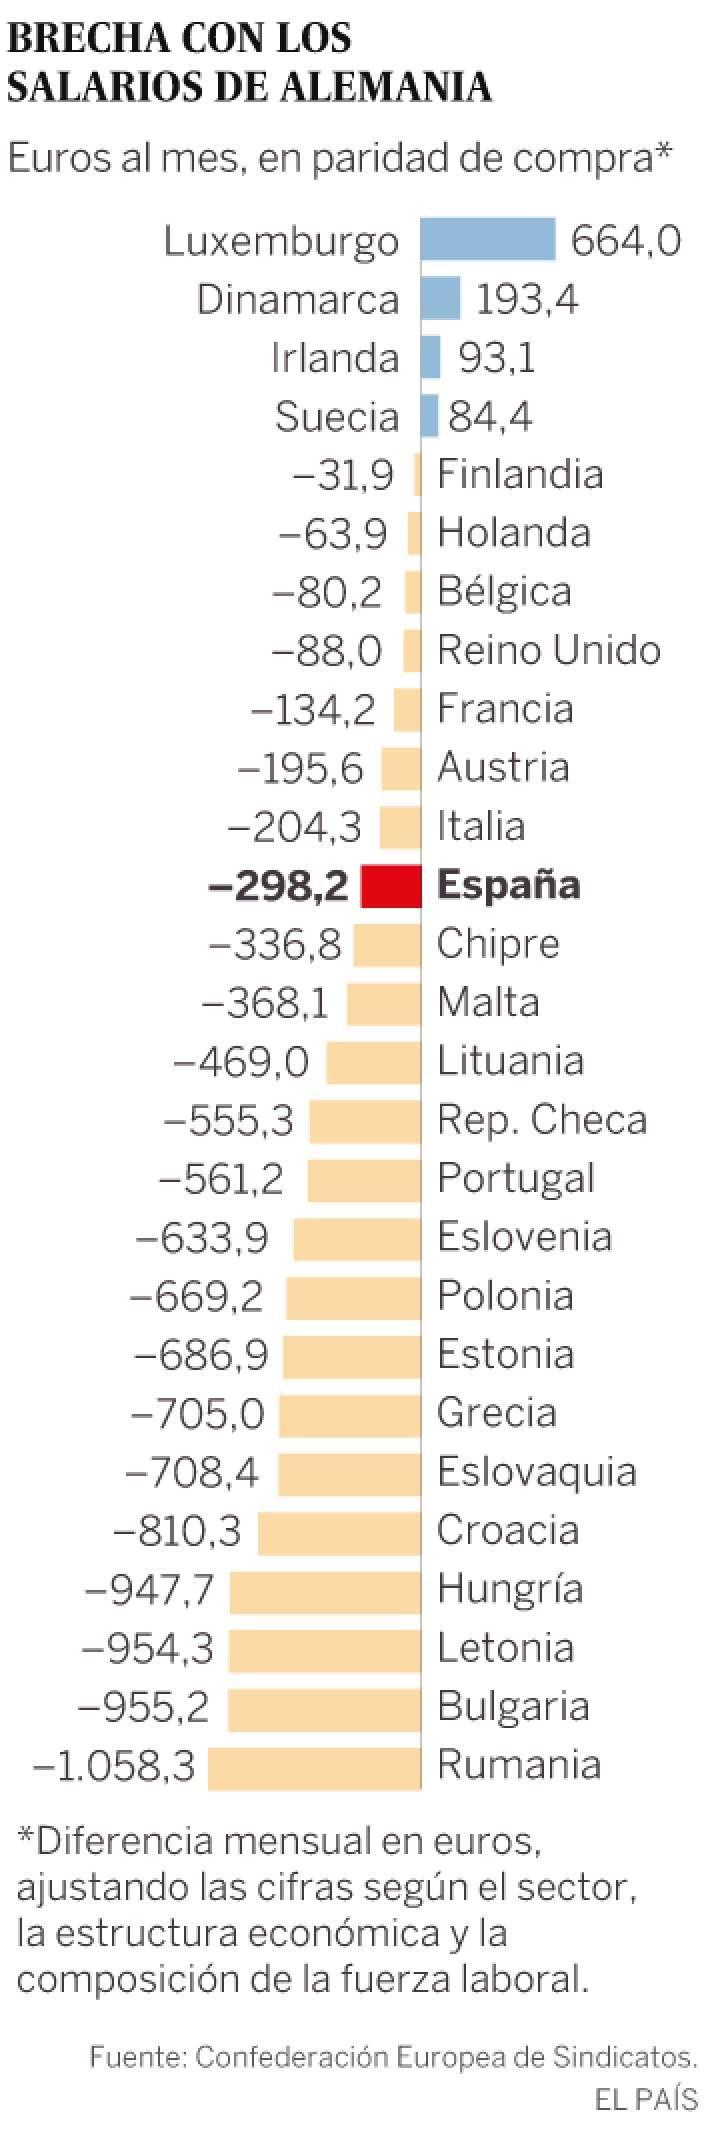 La brecha salarial entre las dos europas supera los 1 000 euros